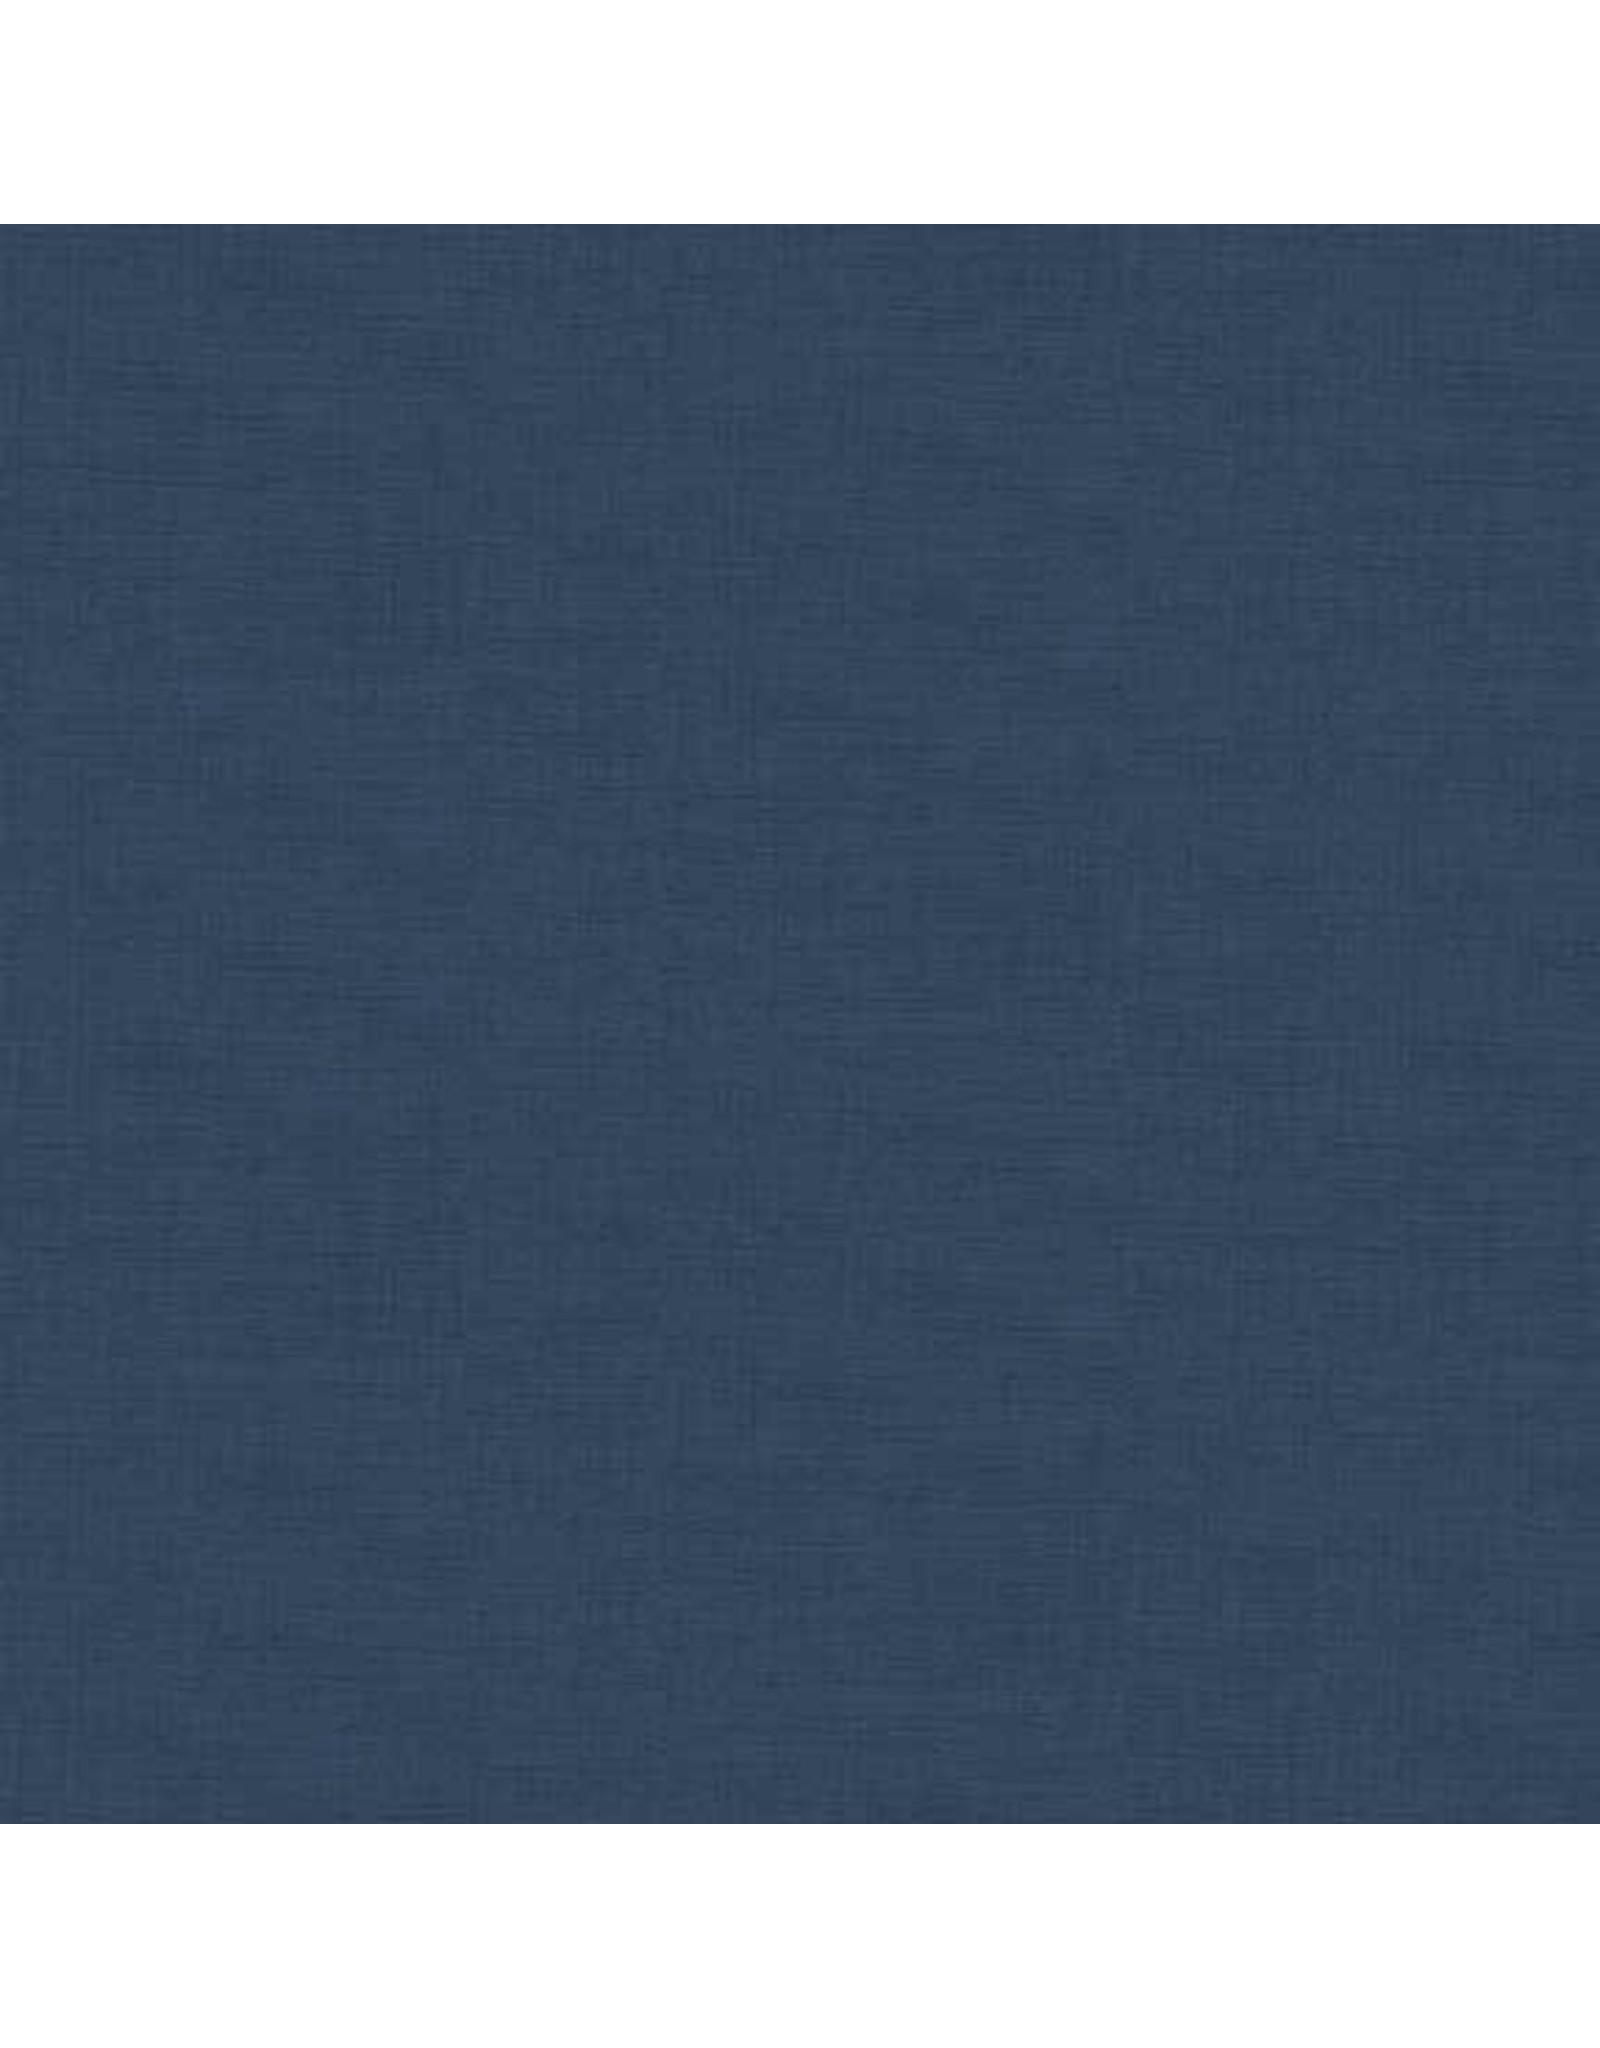 Makower UK Linen Texture - Bluestone